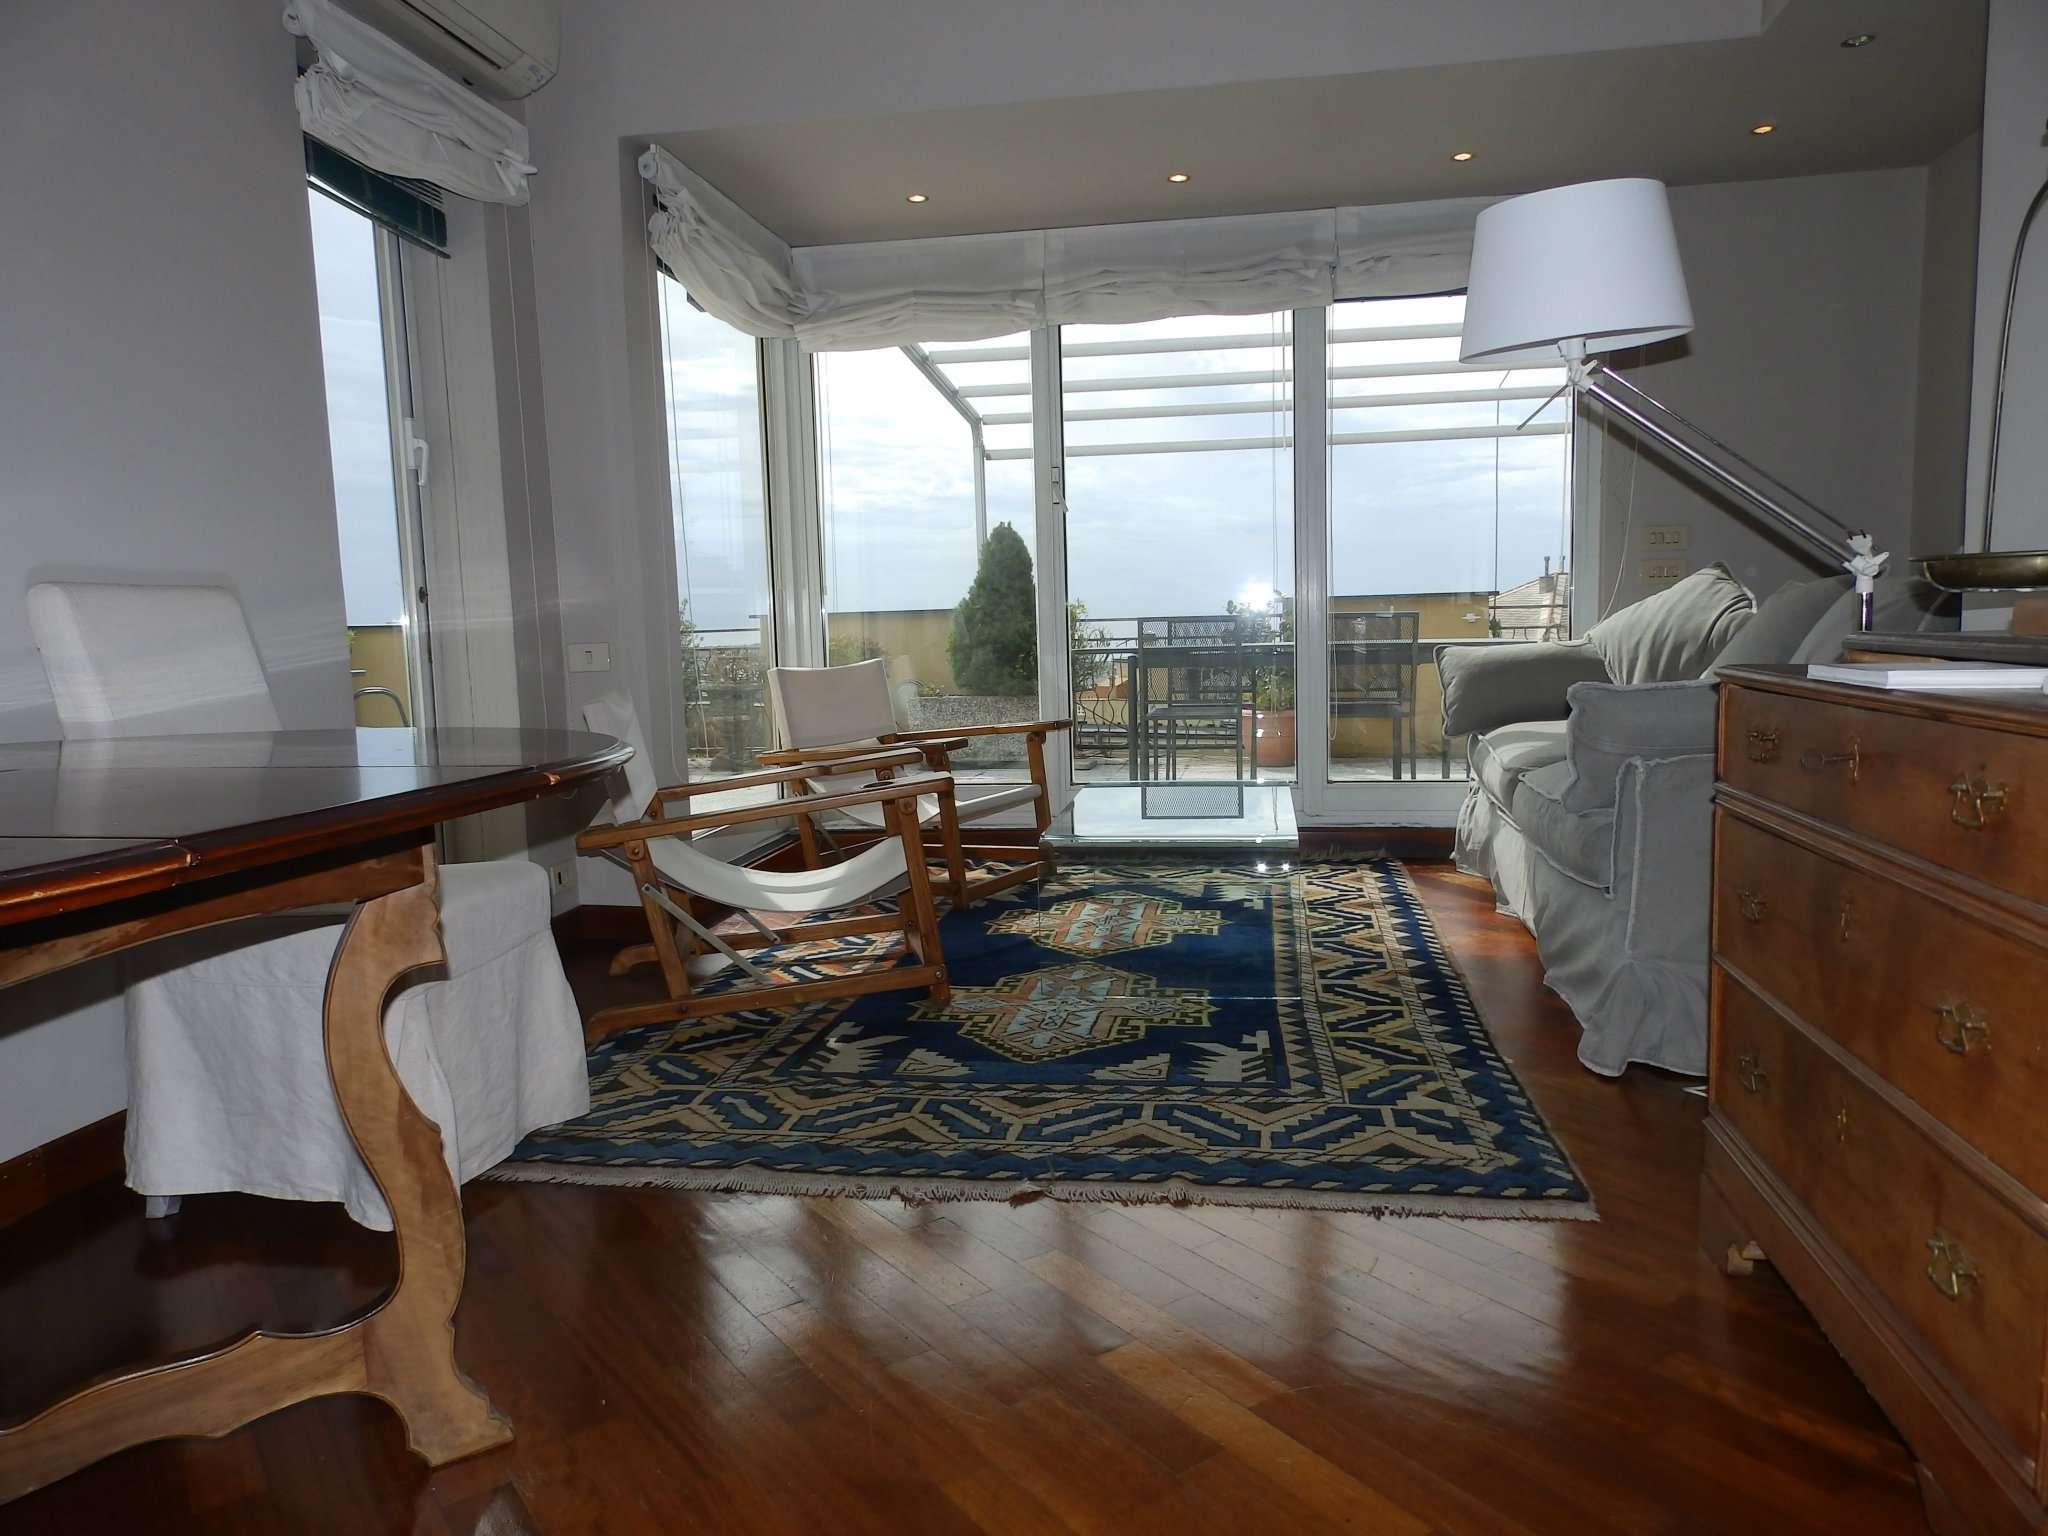 Attico / Mansarda in affitto a Genova, 3 locali, zona Zona: 1 . Centro, Centro Storico, prezzo € 1.500 | Cambio Casa.it